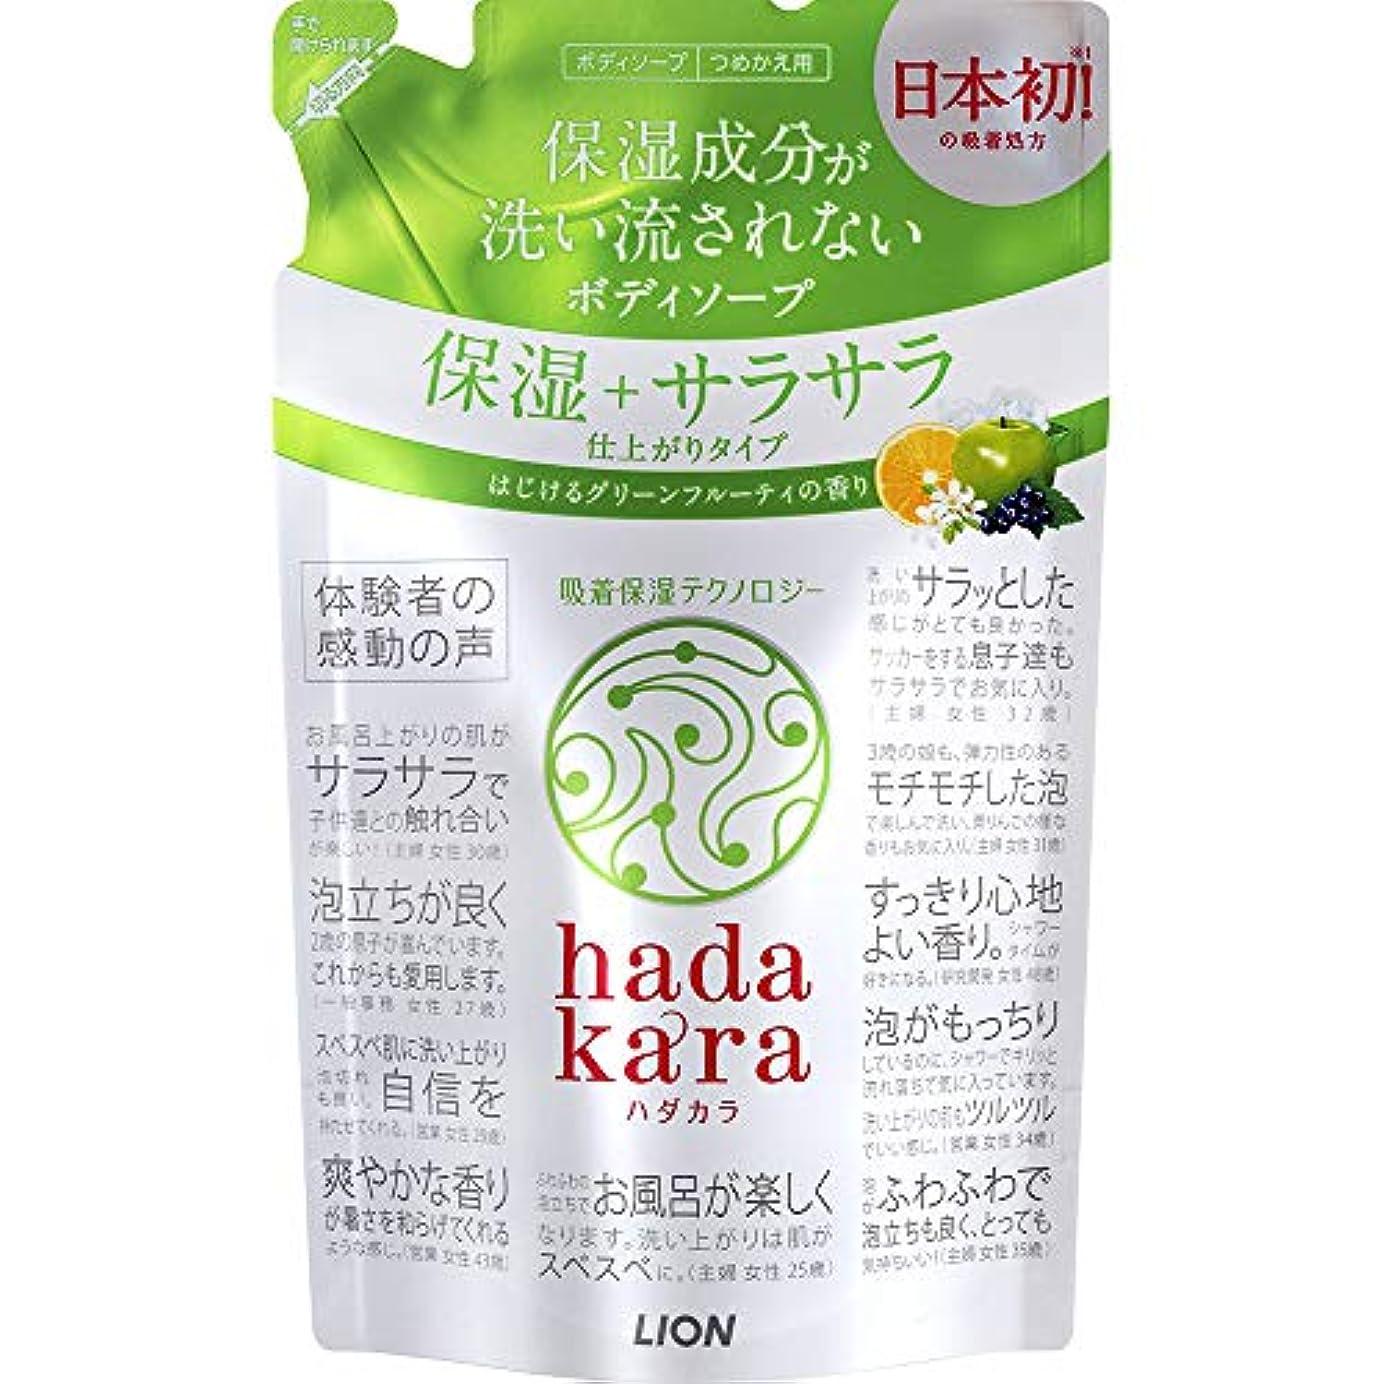 無効にするおしゃれじゃないピッチhadakara(ハダカラ) ボディソープ 保湿+サラサラ仕上がりタイプ グリーンフルーティの香り 詰め替え 340ml